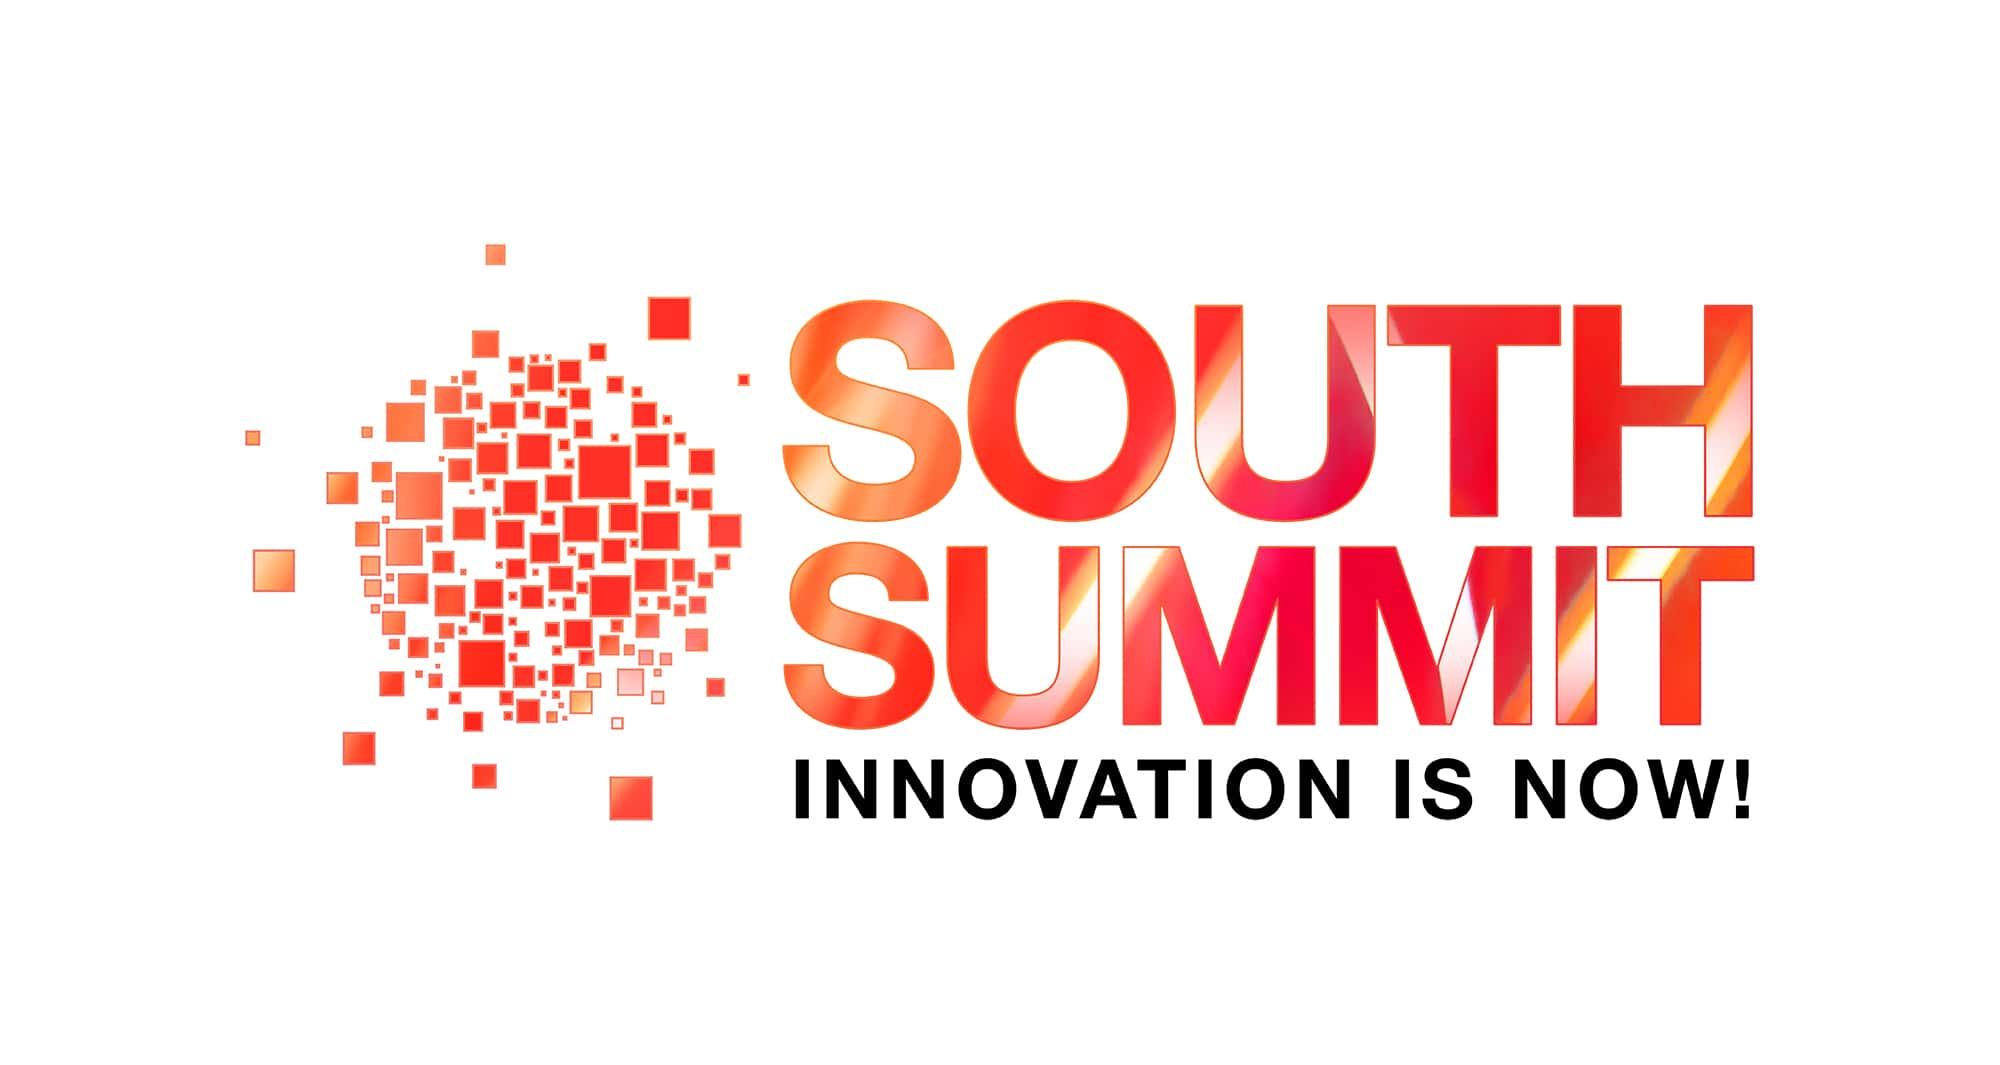 Gagnant de la compétition des startups du South Summit 2016